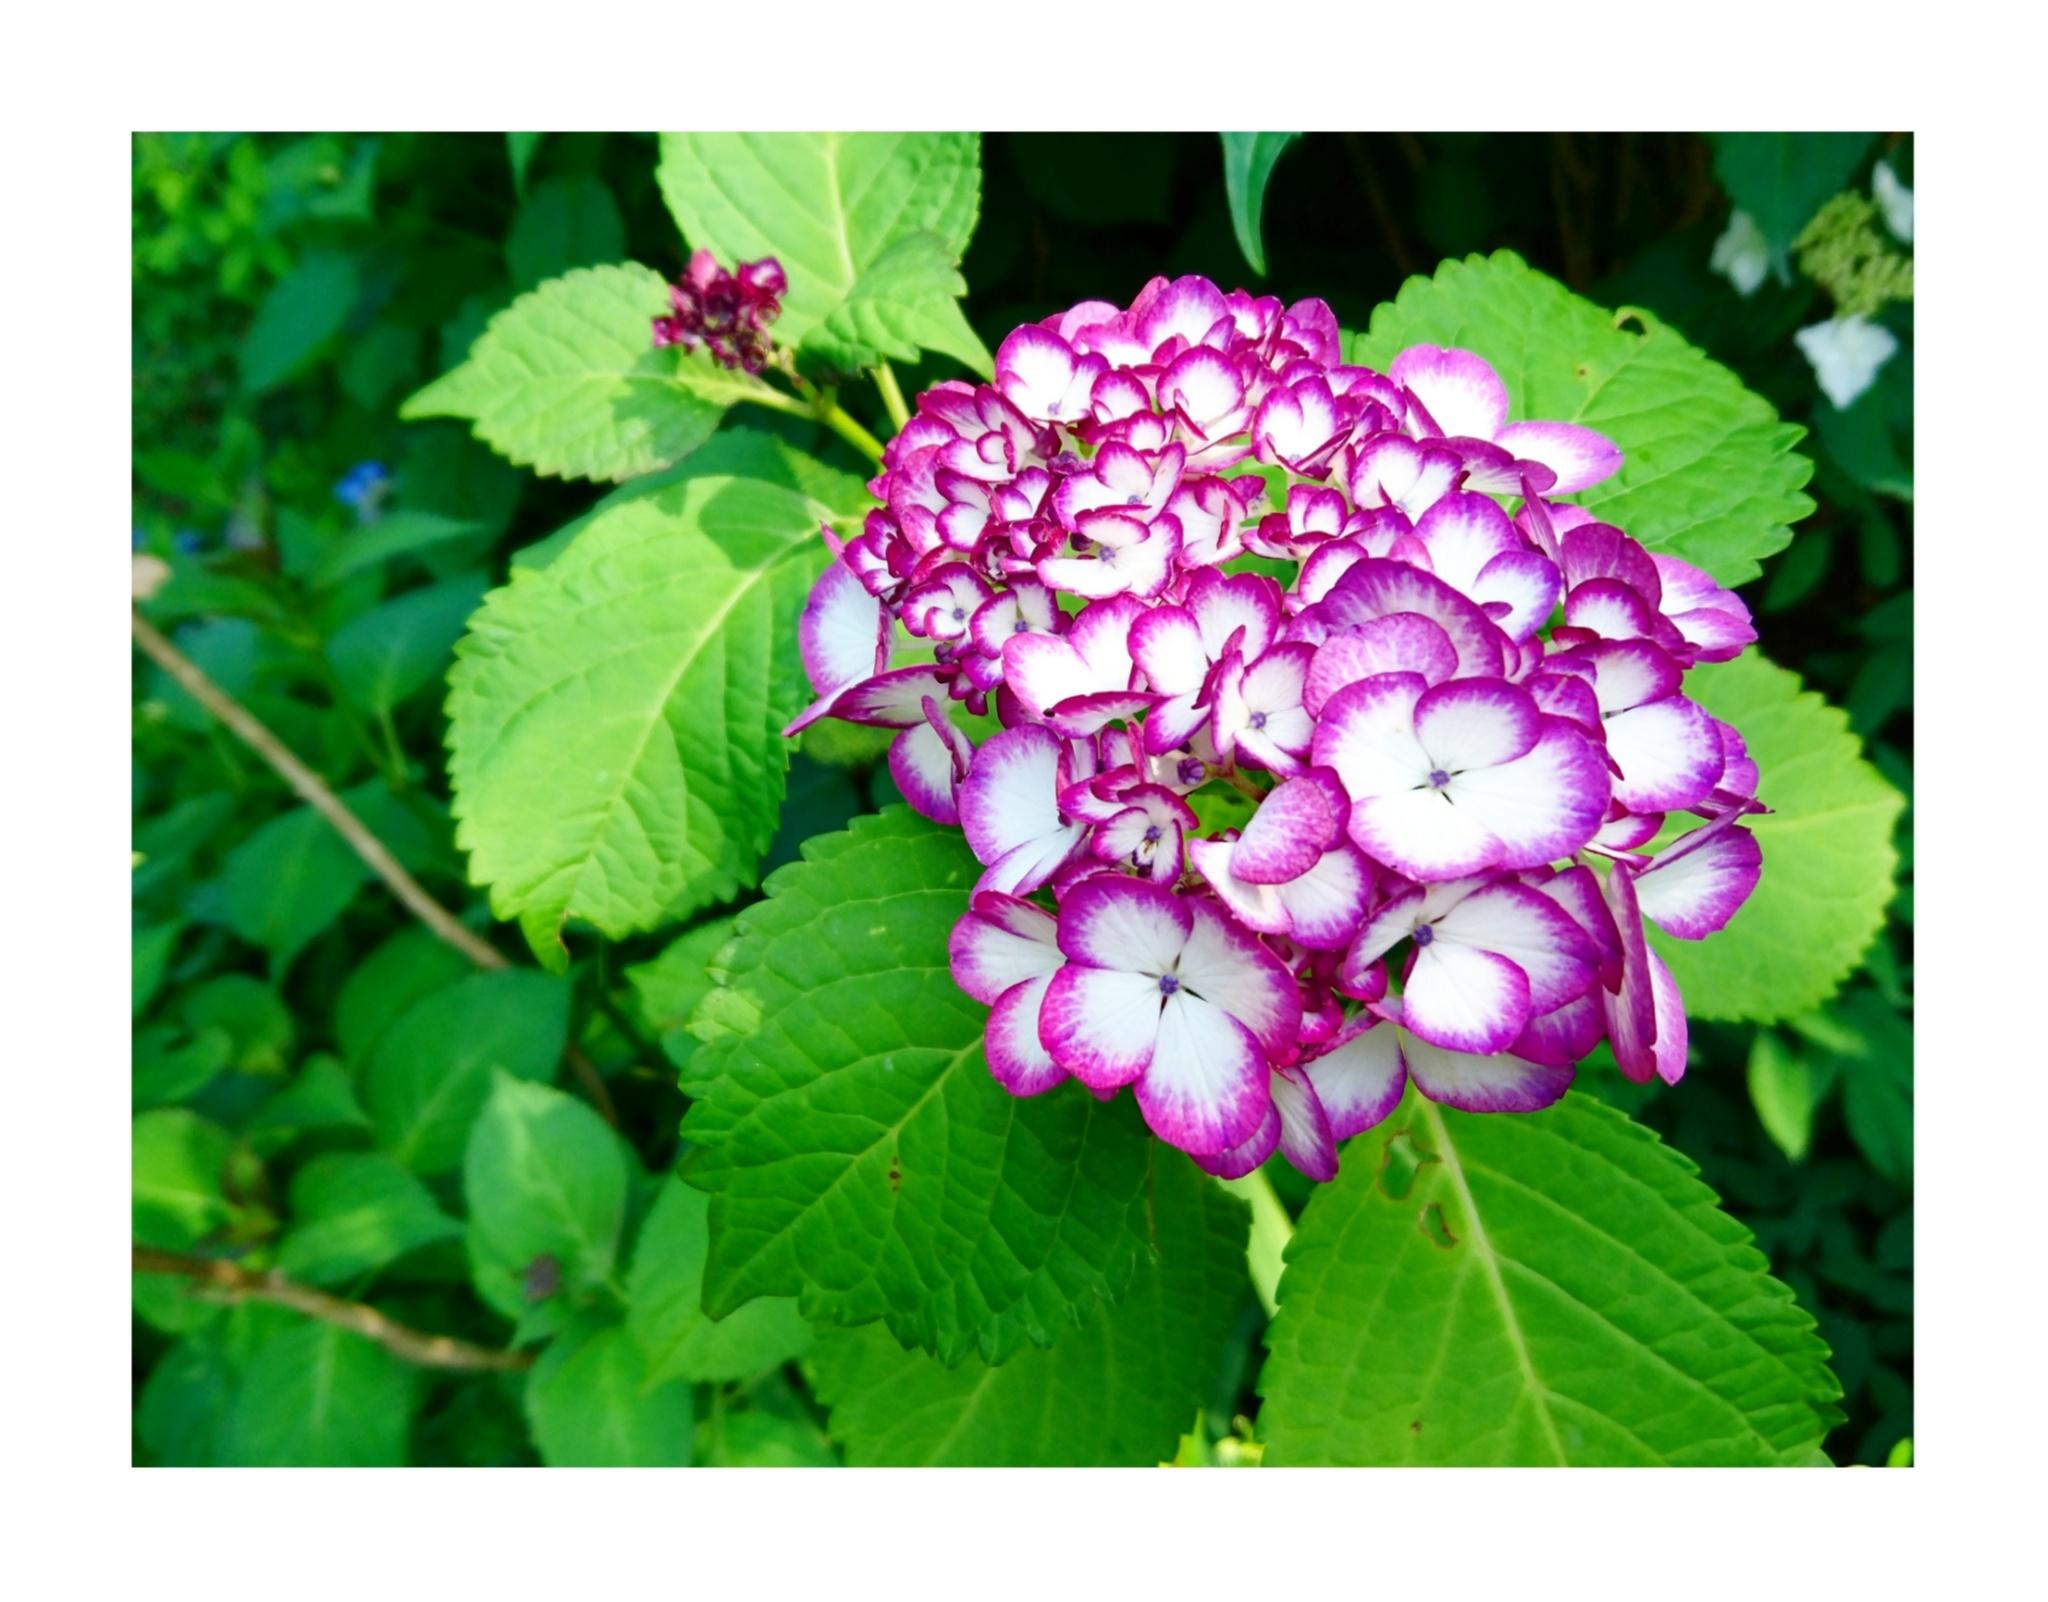 【散策】新緑が美しいこの季節は、鎌倉がおすすめ! ~ 紫陽花が見頃です ~  _1